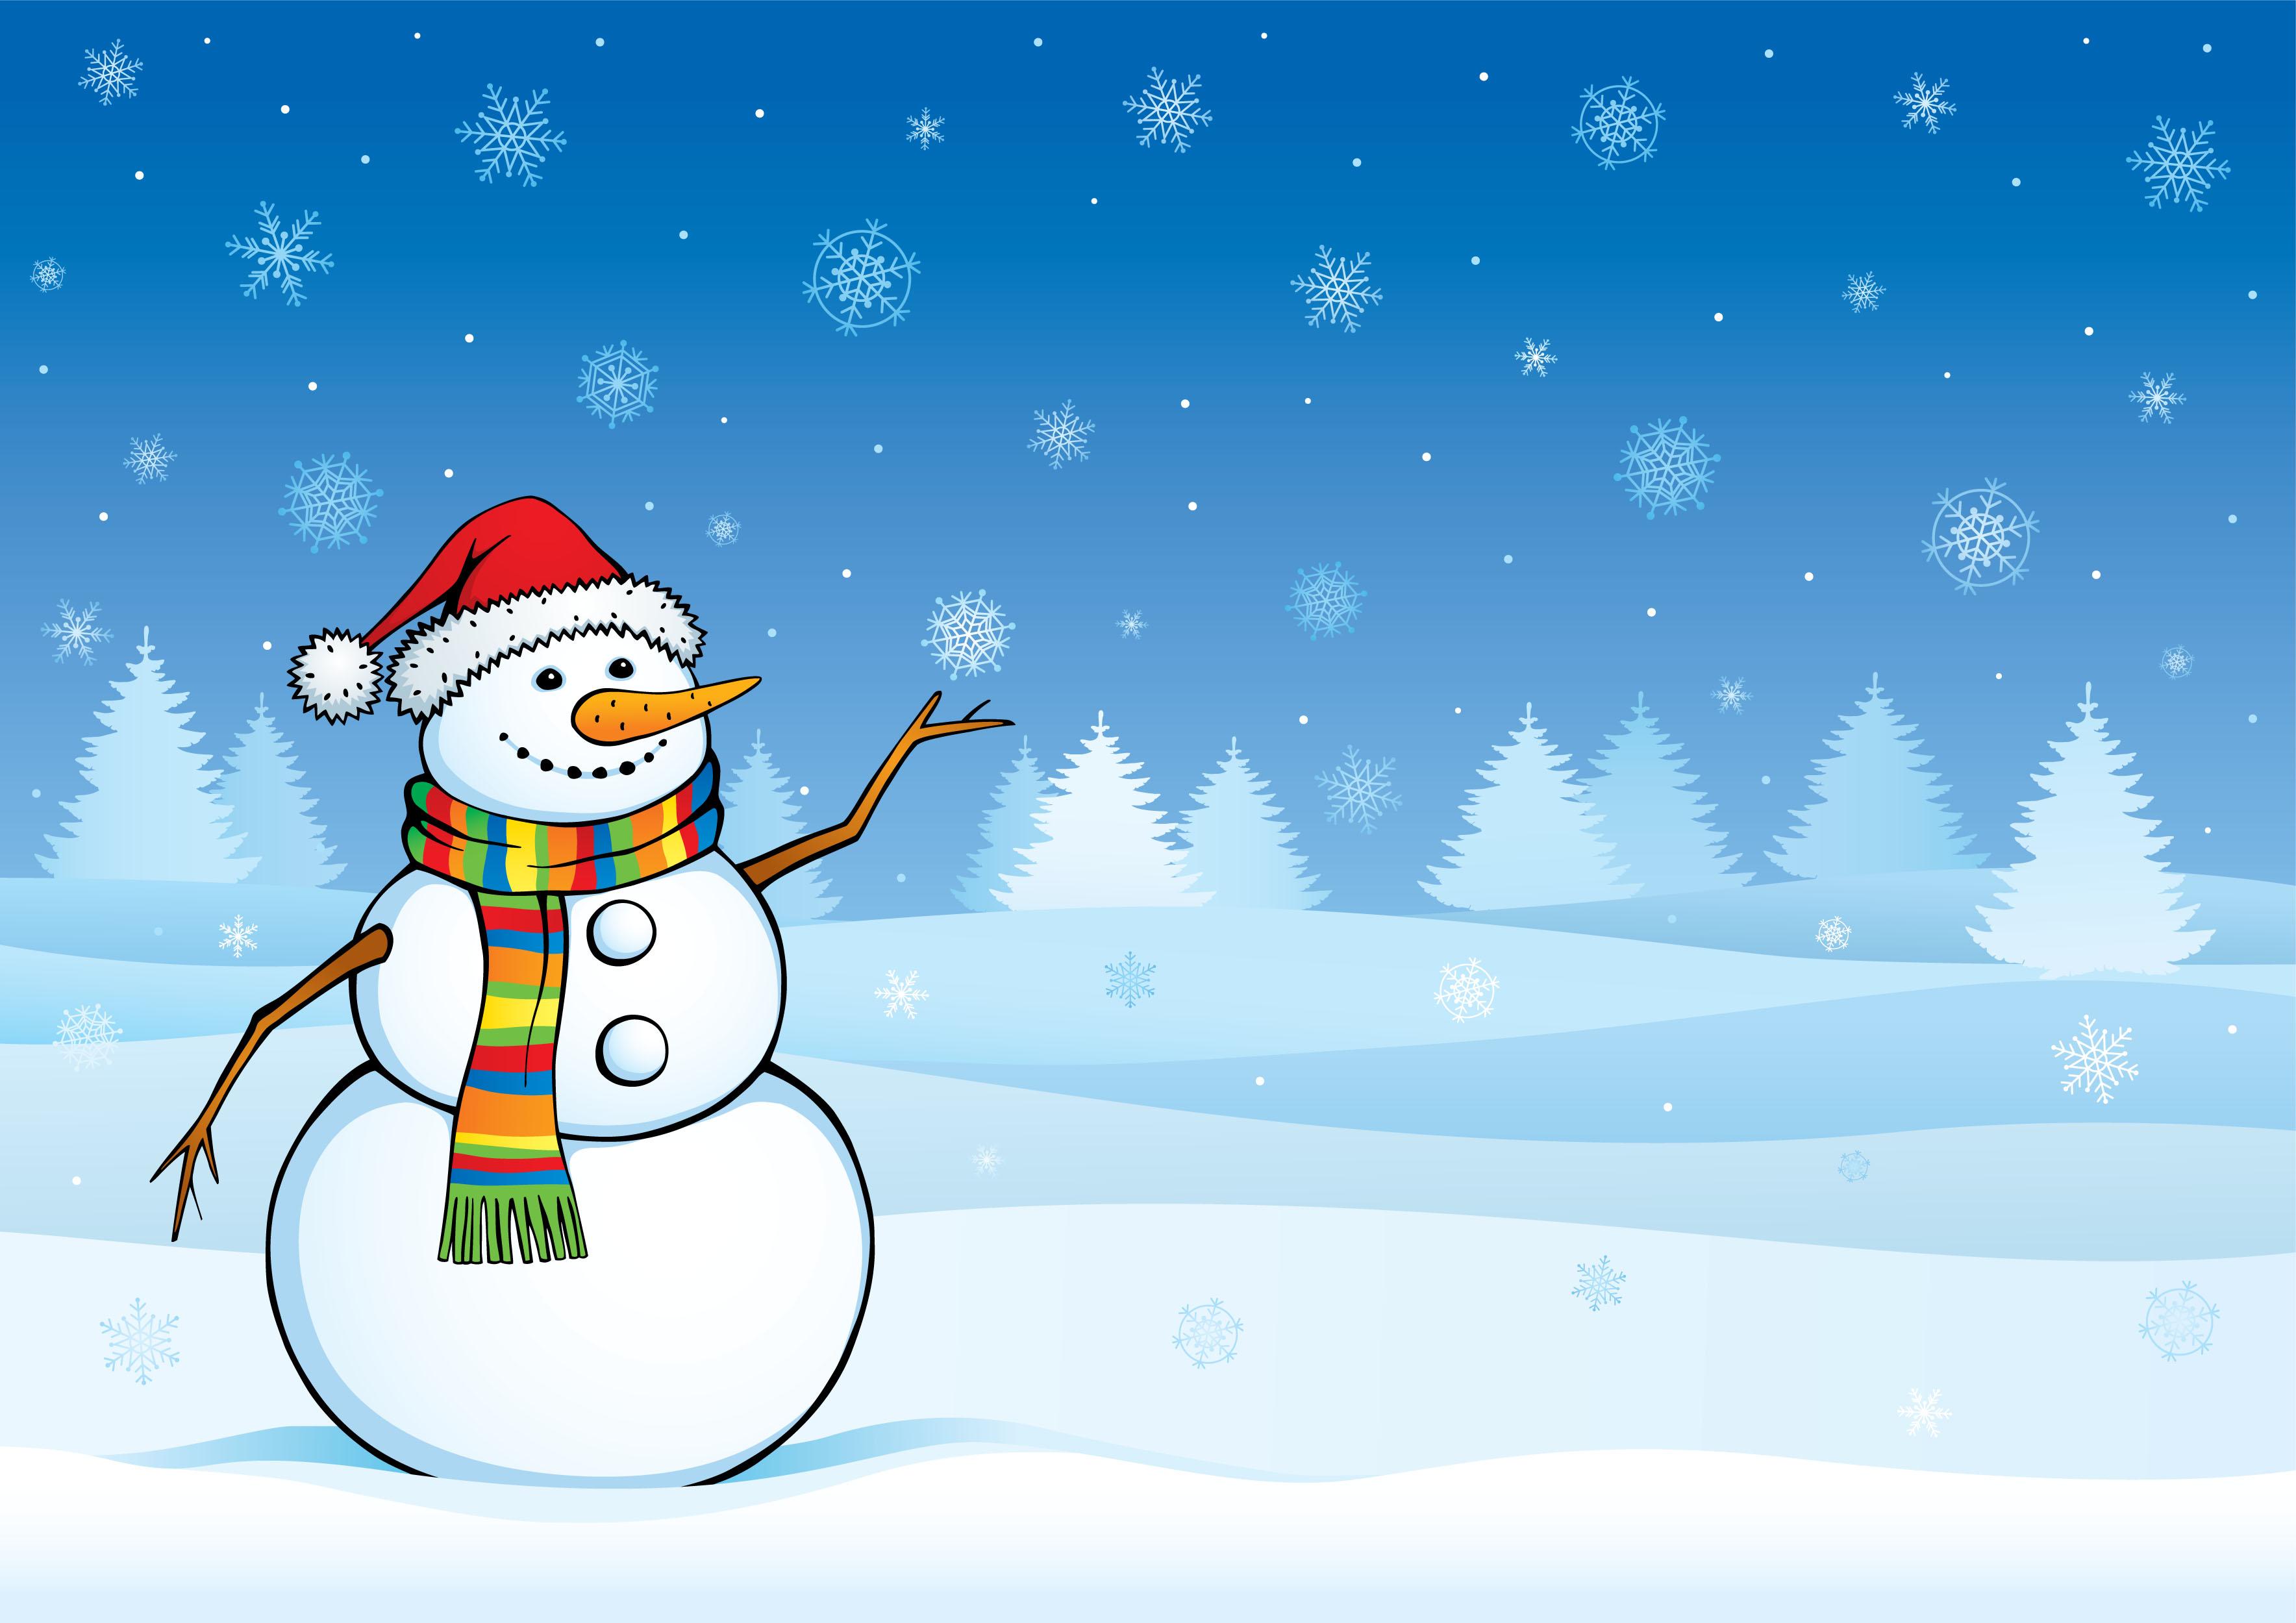 Ho! Ho! Ho! The History of Christmas